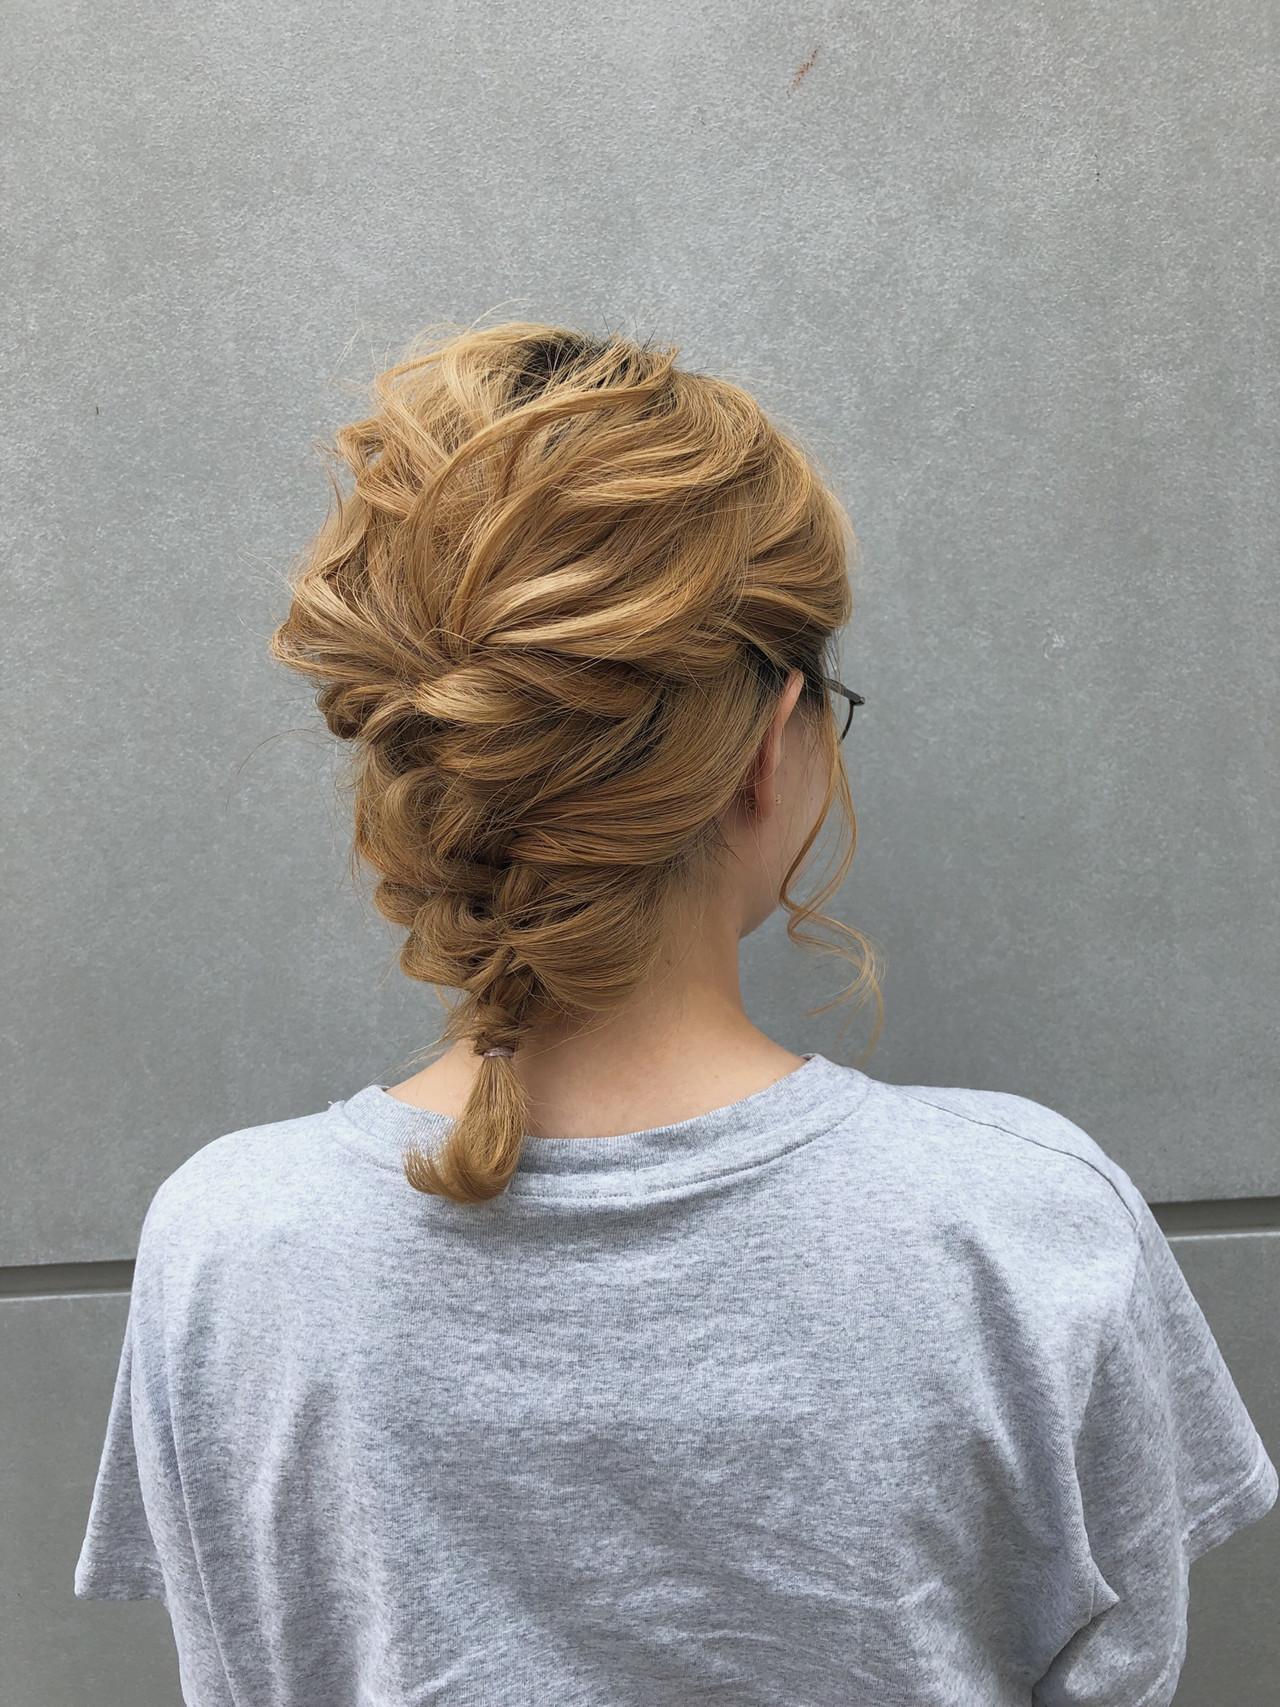 簡単ヘアアレンジ スポーツ ナチュラル アウトドア ヘアスタイルや髪型の写真・画像 | 北里和哉 / far beyond